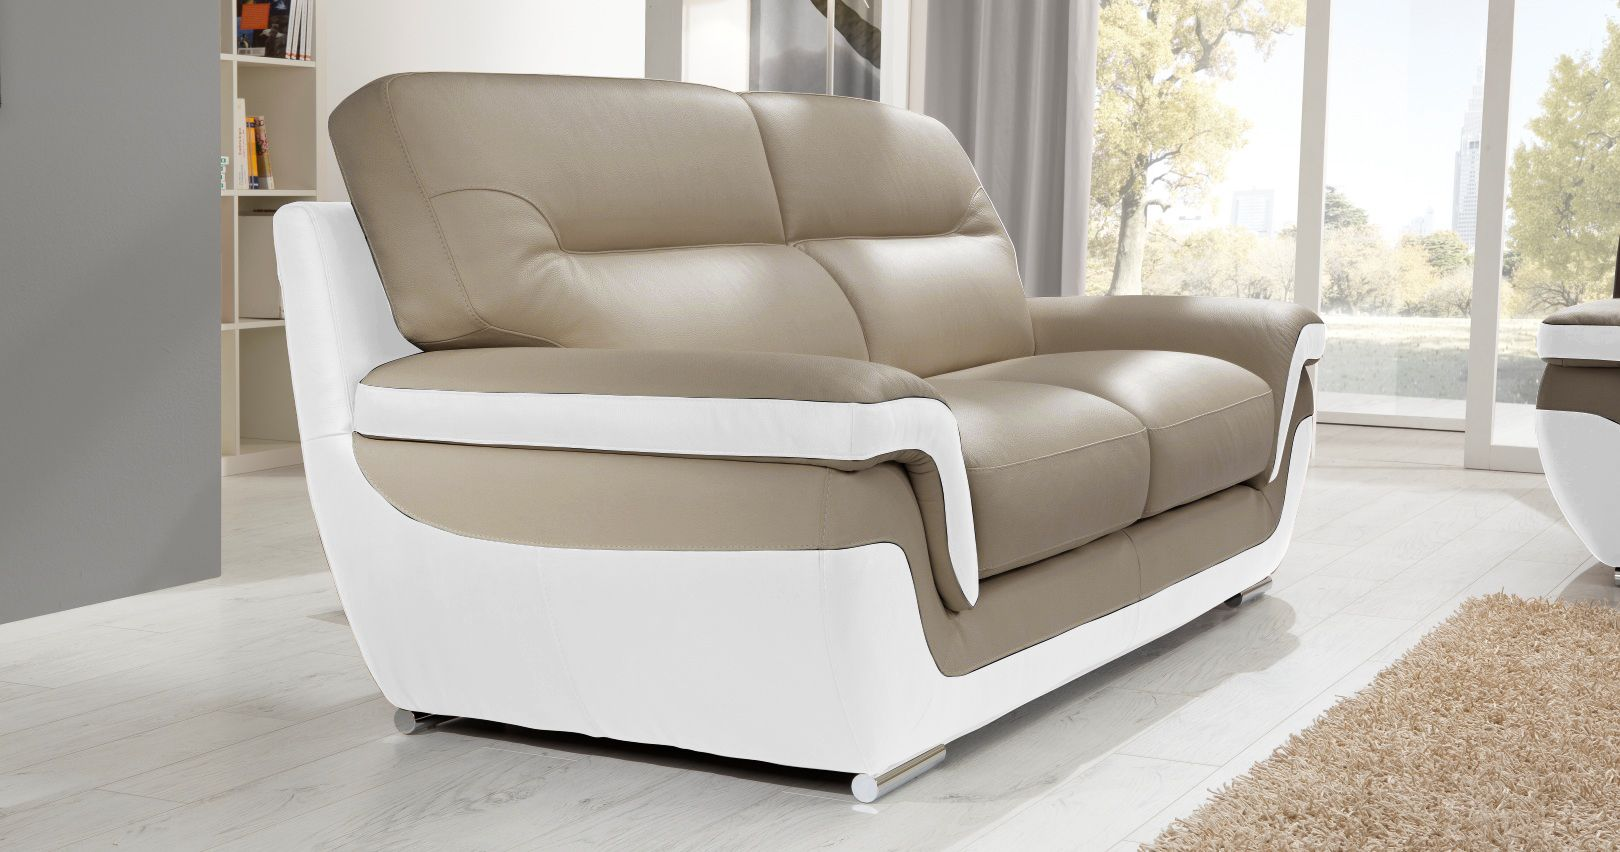 canap rodrigue salon 3 2 cuir design. Black Bedroom Furniture Sets. Home Design Ideas